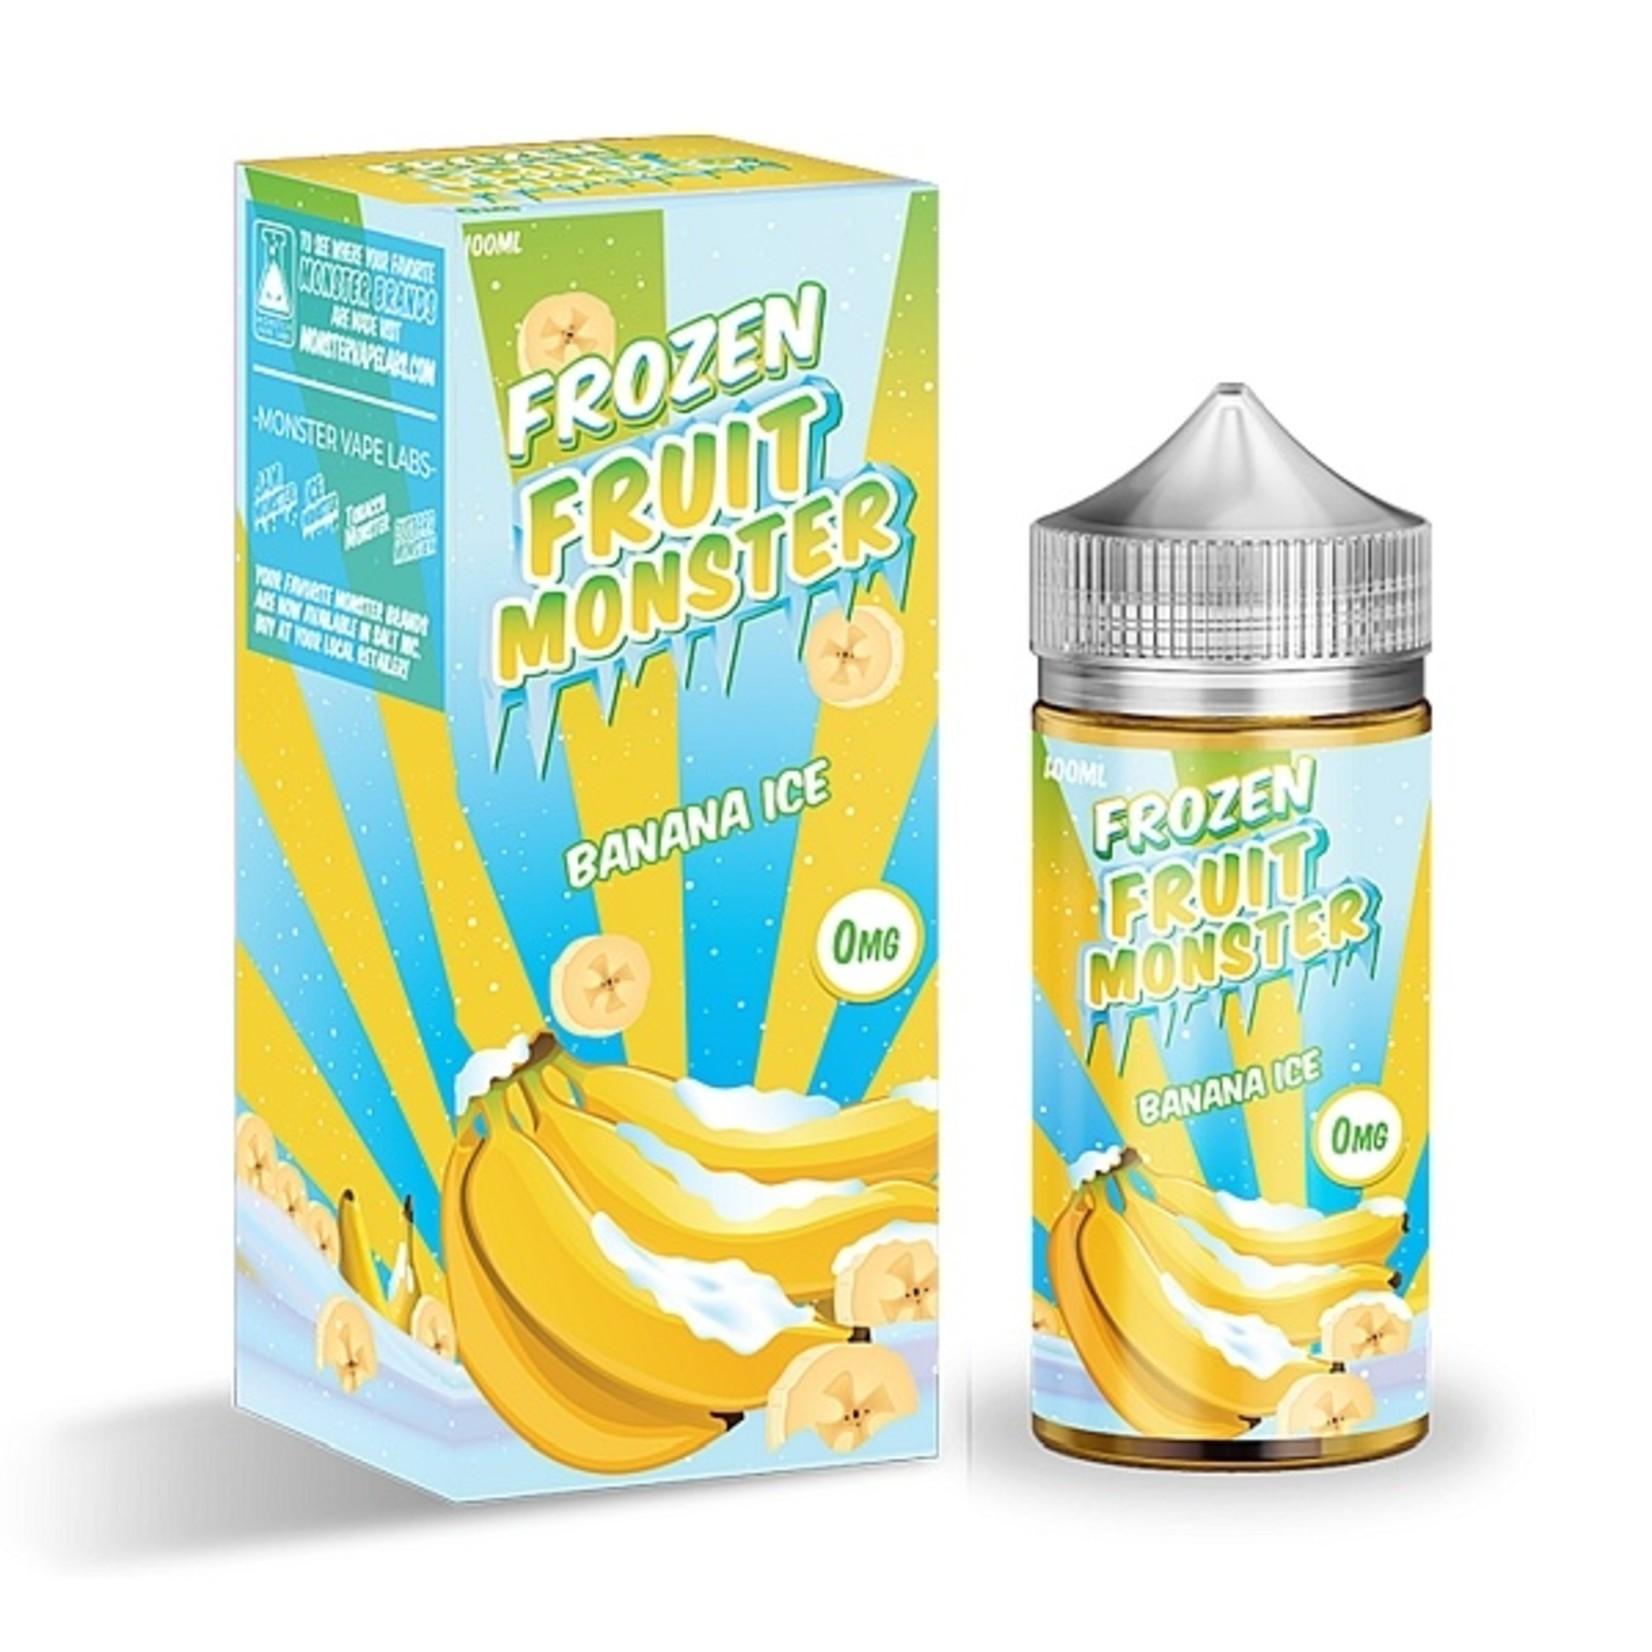 Frozen Fruit Monster Frozen Banana Ice